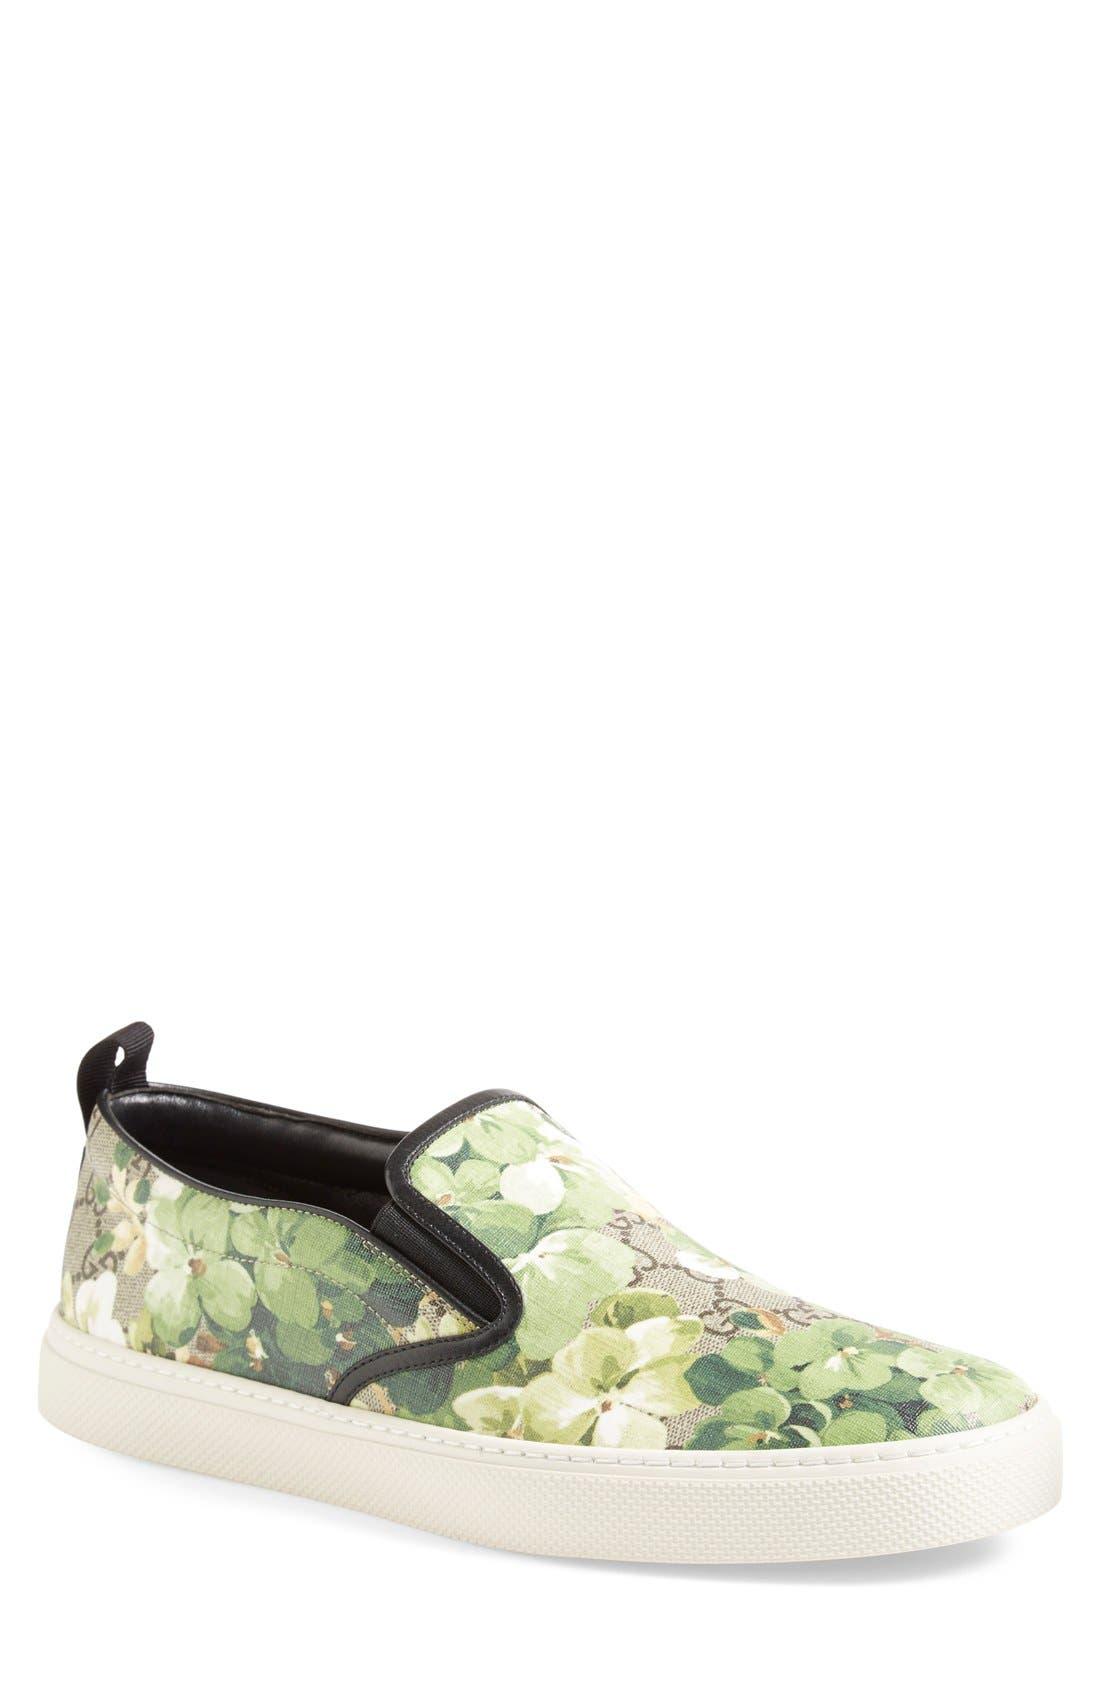 Dublin Slip-On Sneaker,                             Main thumbnail 7, color,